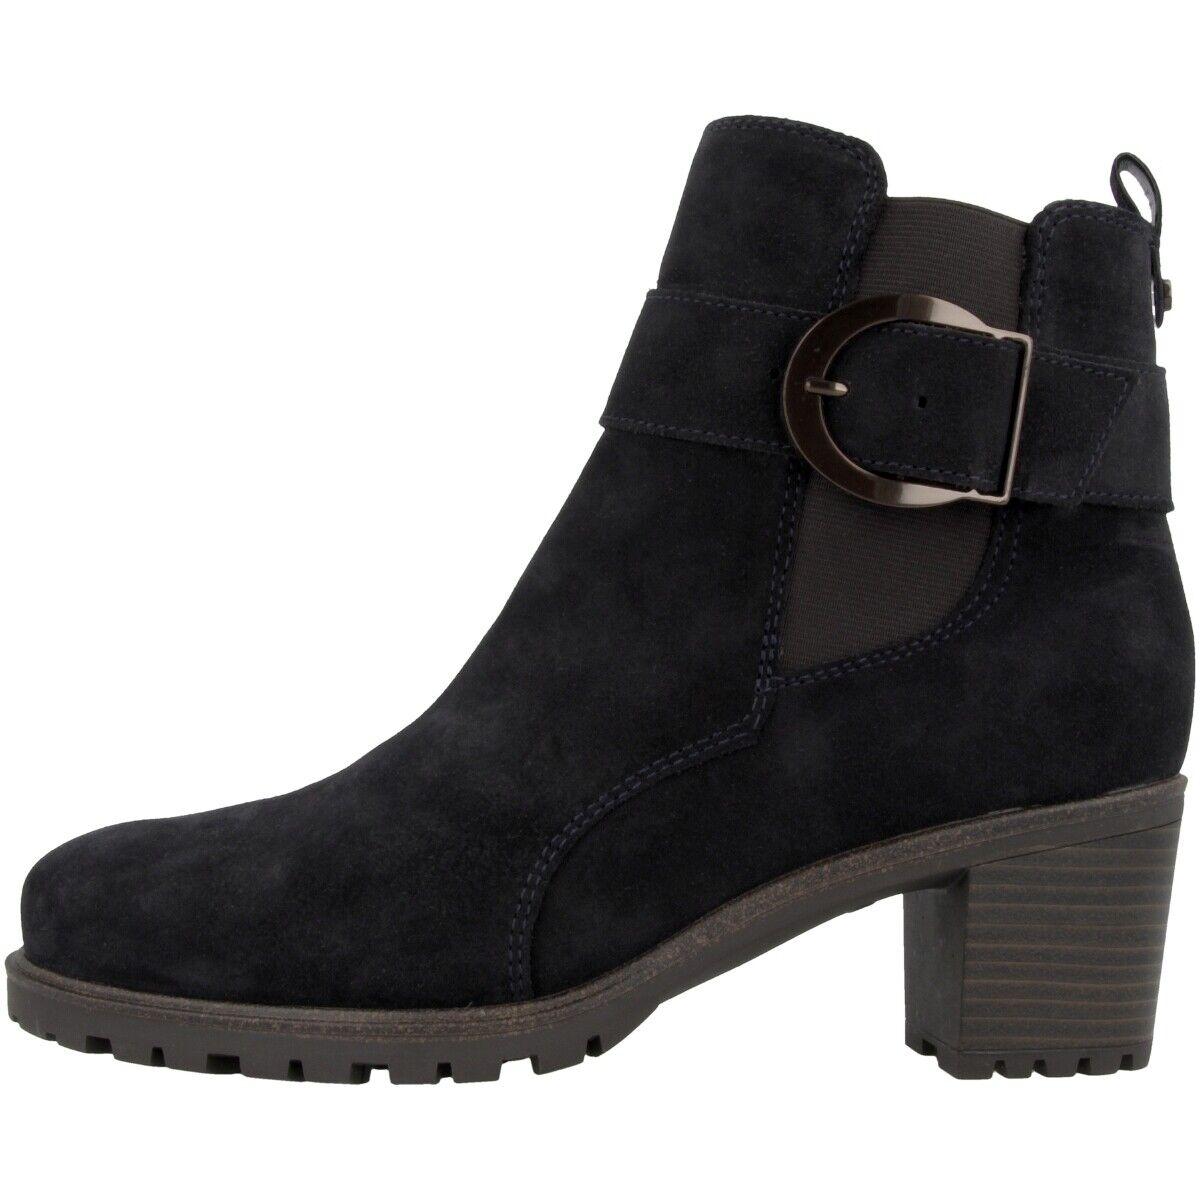 Ara 12-47371 Femme Bottines Bottes Chaussures D'Hiver Bottes D'Hiver